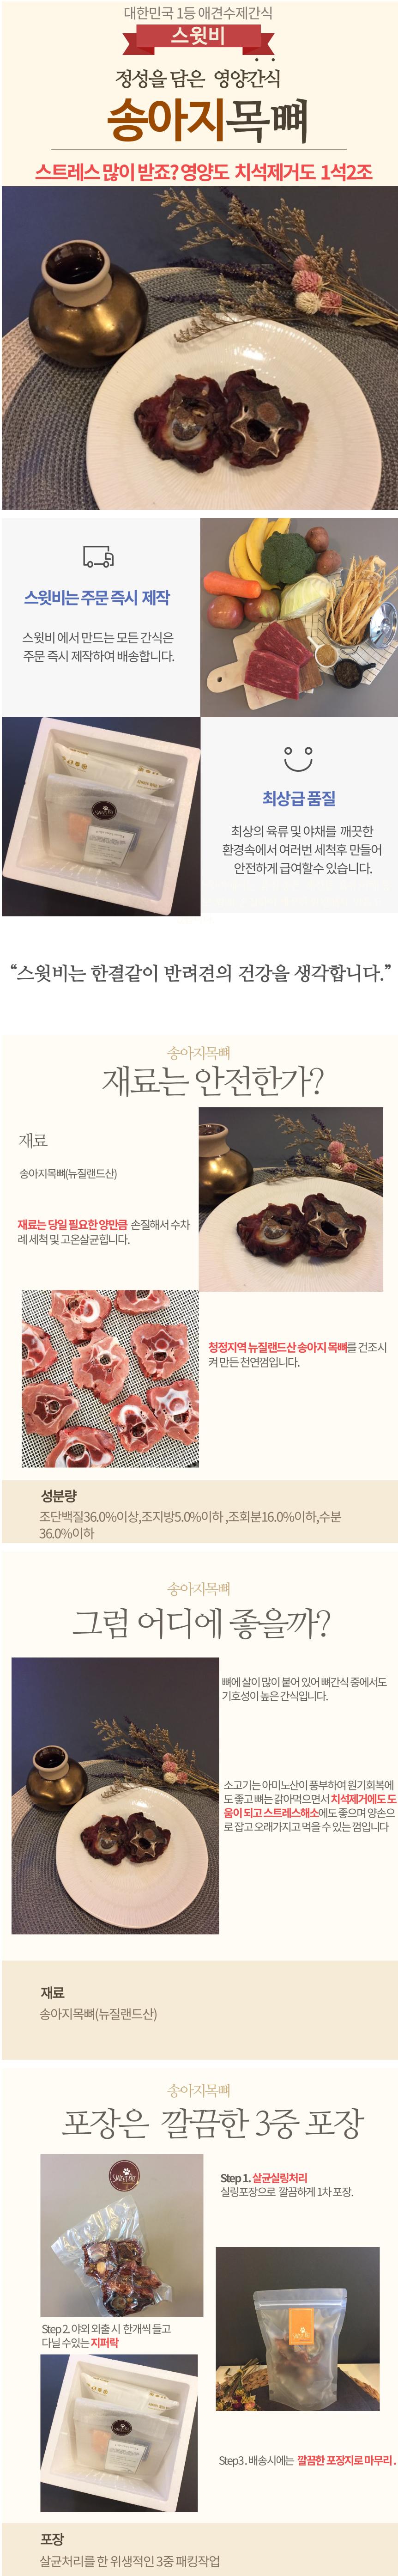 스윗비 강아지 수제간식 송아지목뼈 130g - 스윗비, 6,500원, 간식/영양제, 수제간식